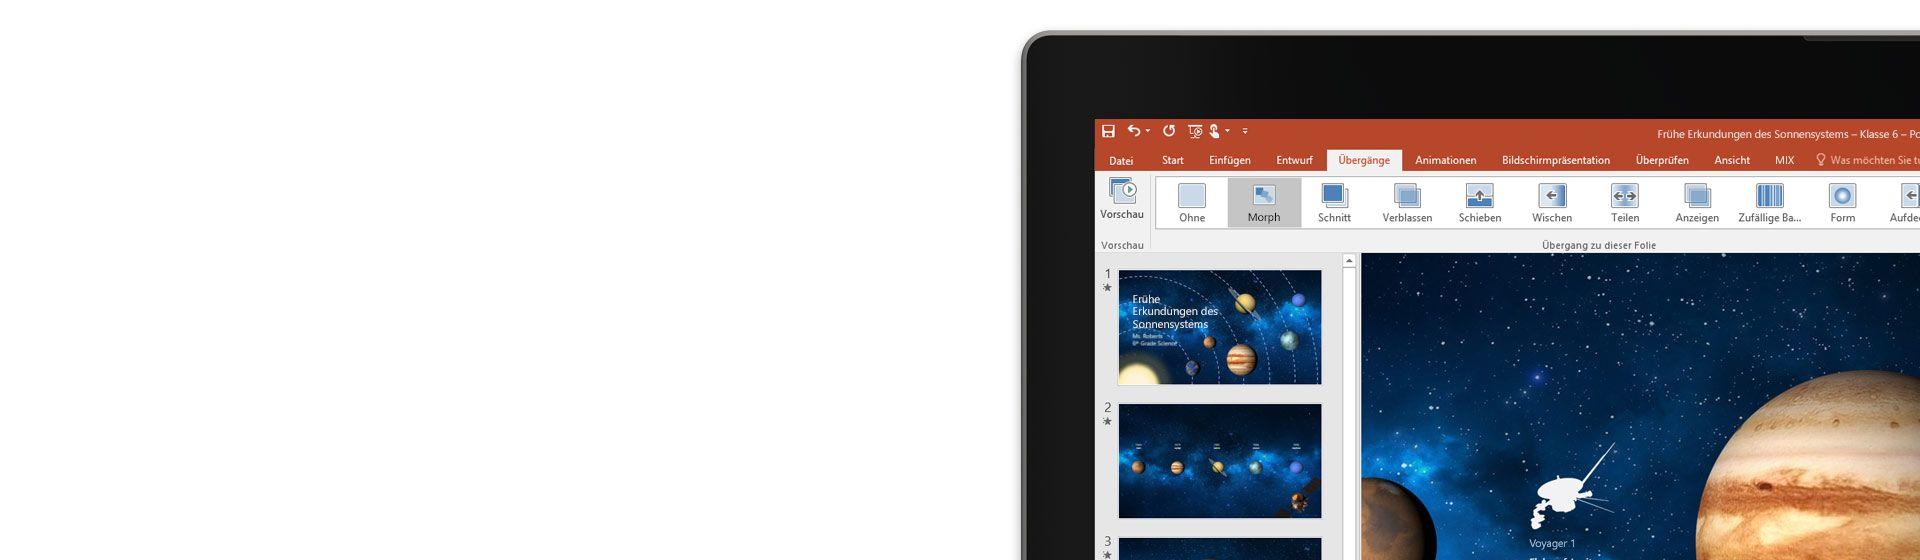 Ein Tablet mit der Morph-Funktion in einer PowerPoint-Präsentationsfolie